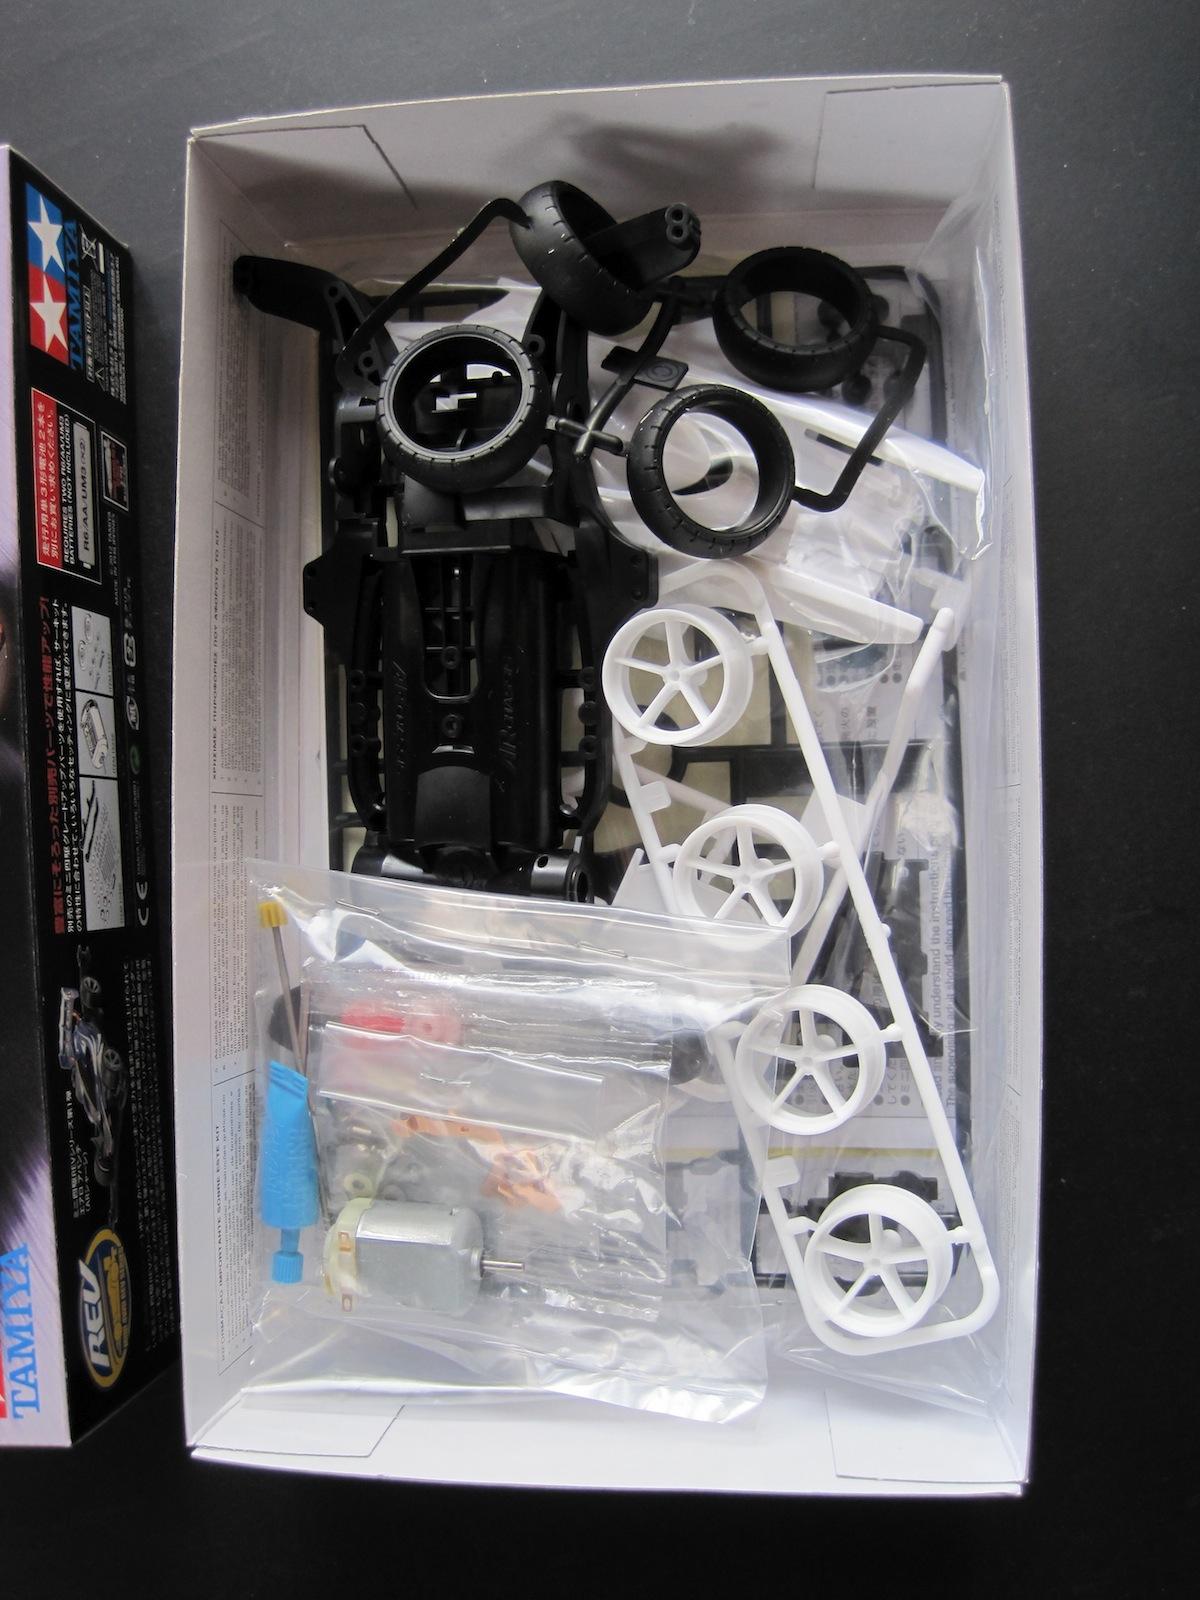 タミヤ ミニ四駆REVシリーズ エアロサンダーショットのパッケージ中身